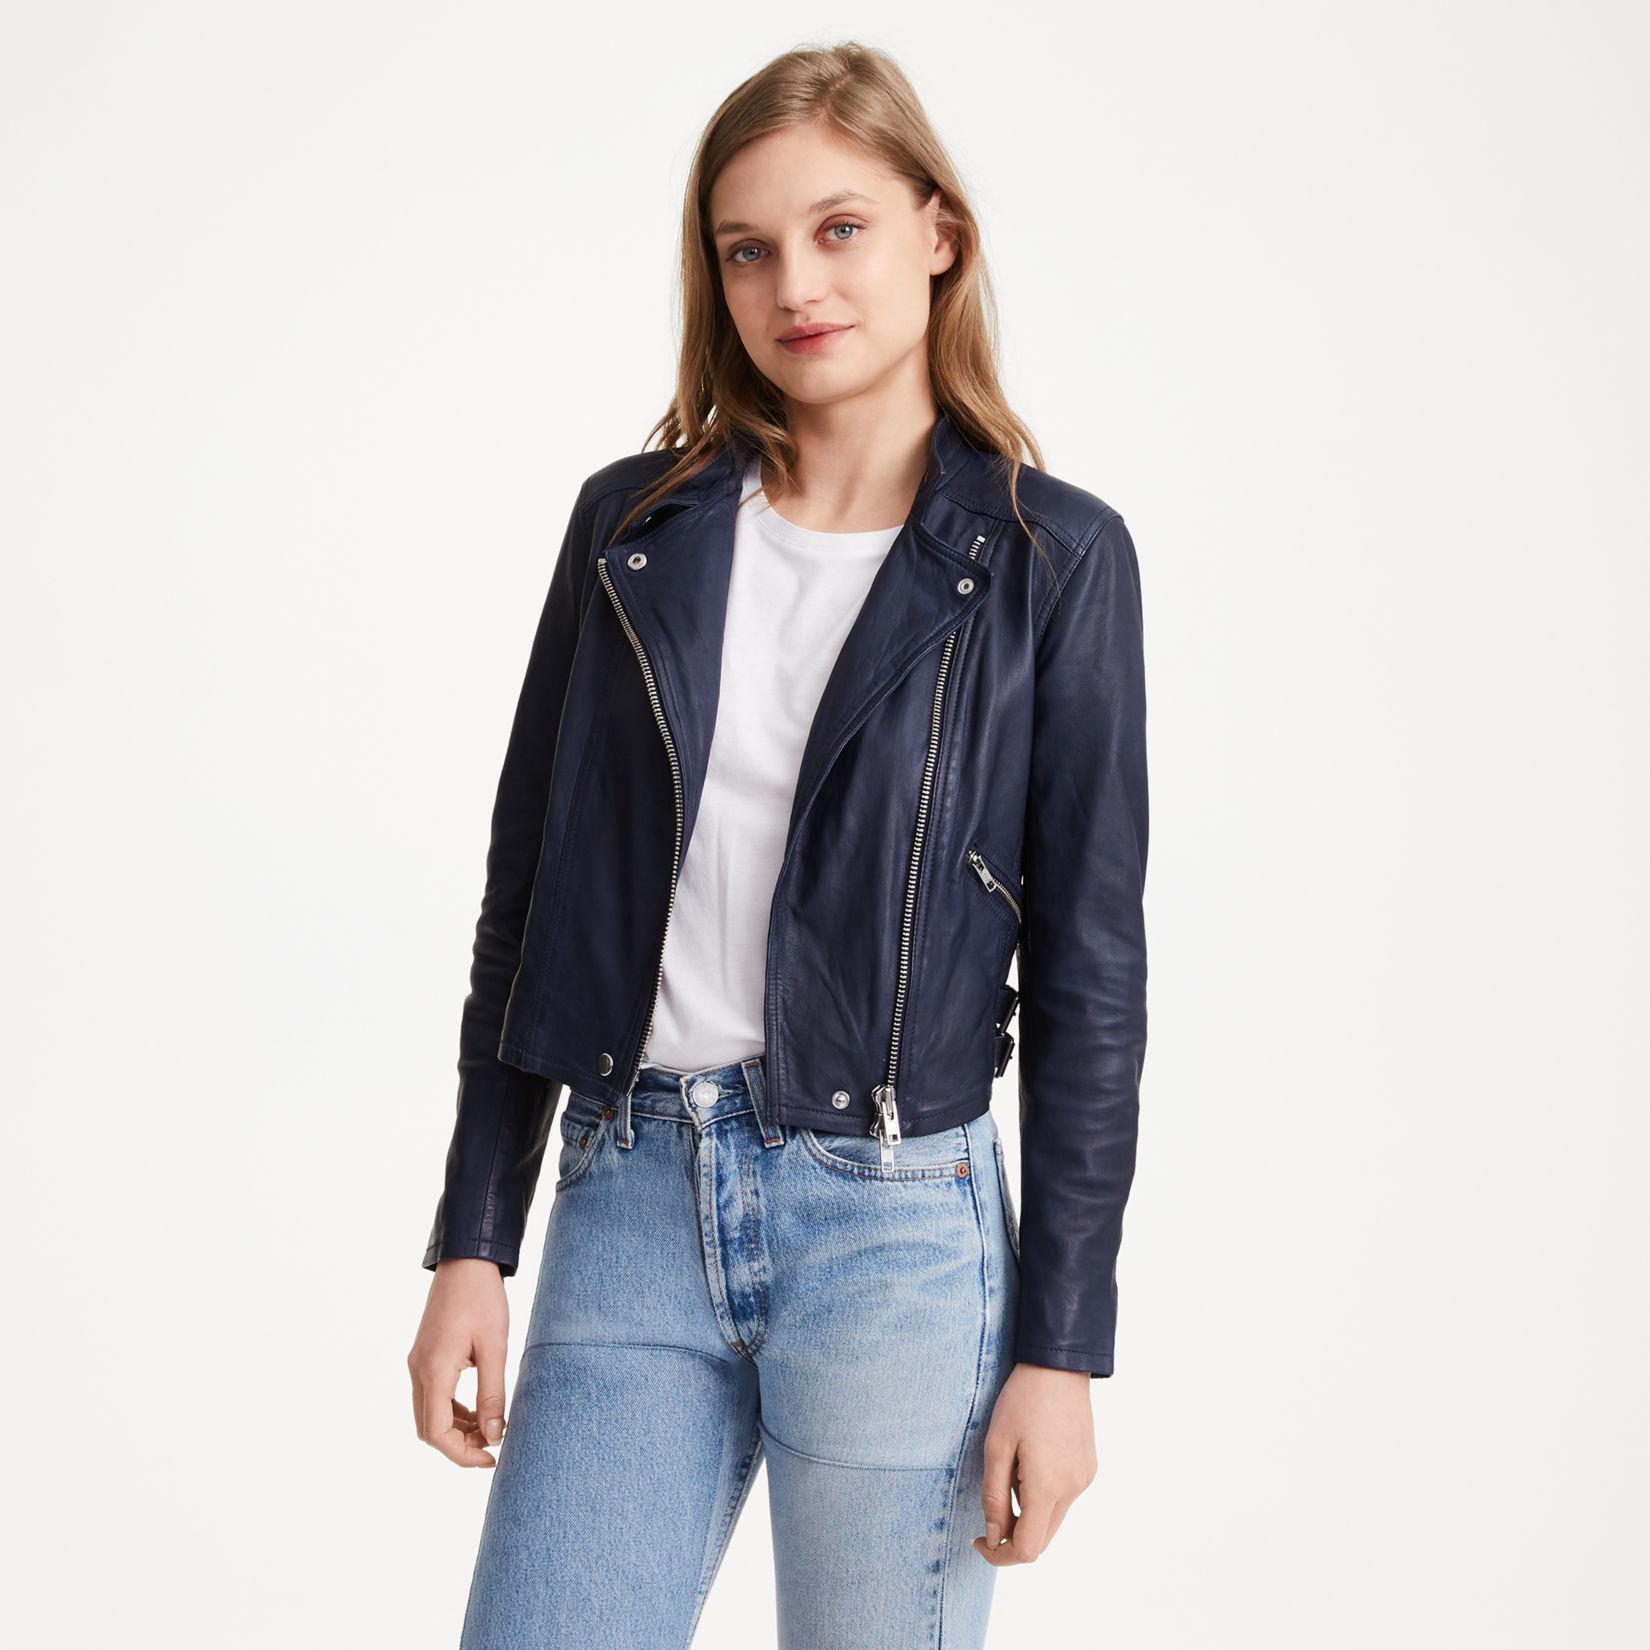 Leather jacket sale womens - Rowlen Jacket